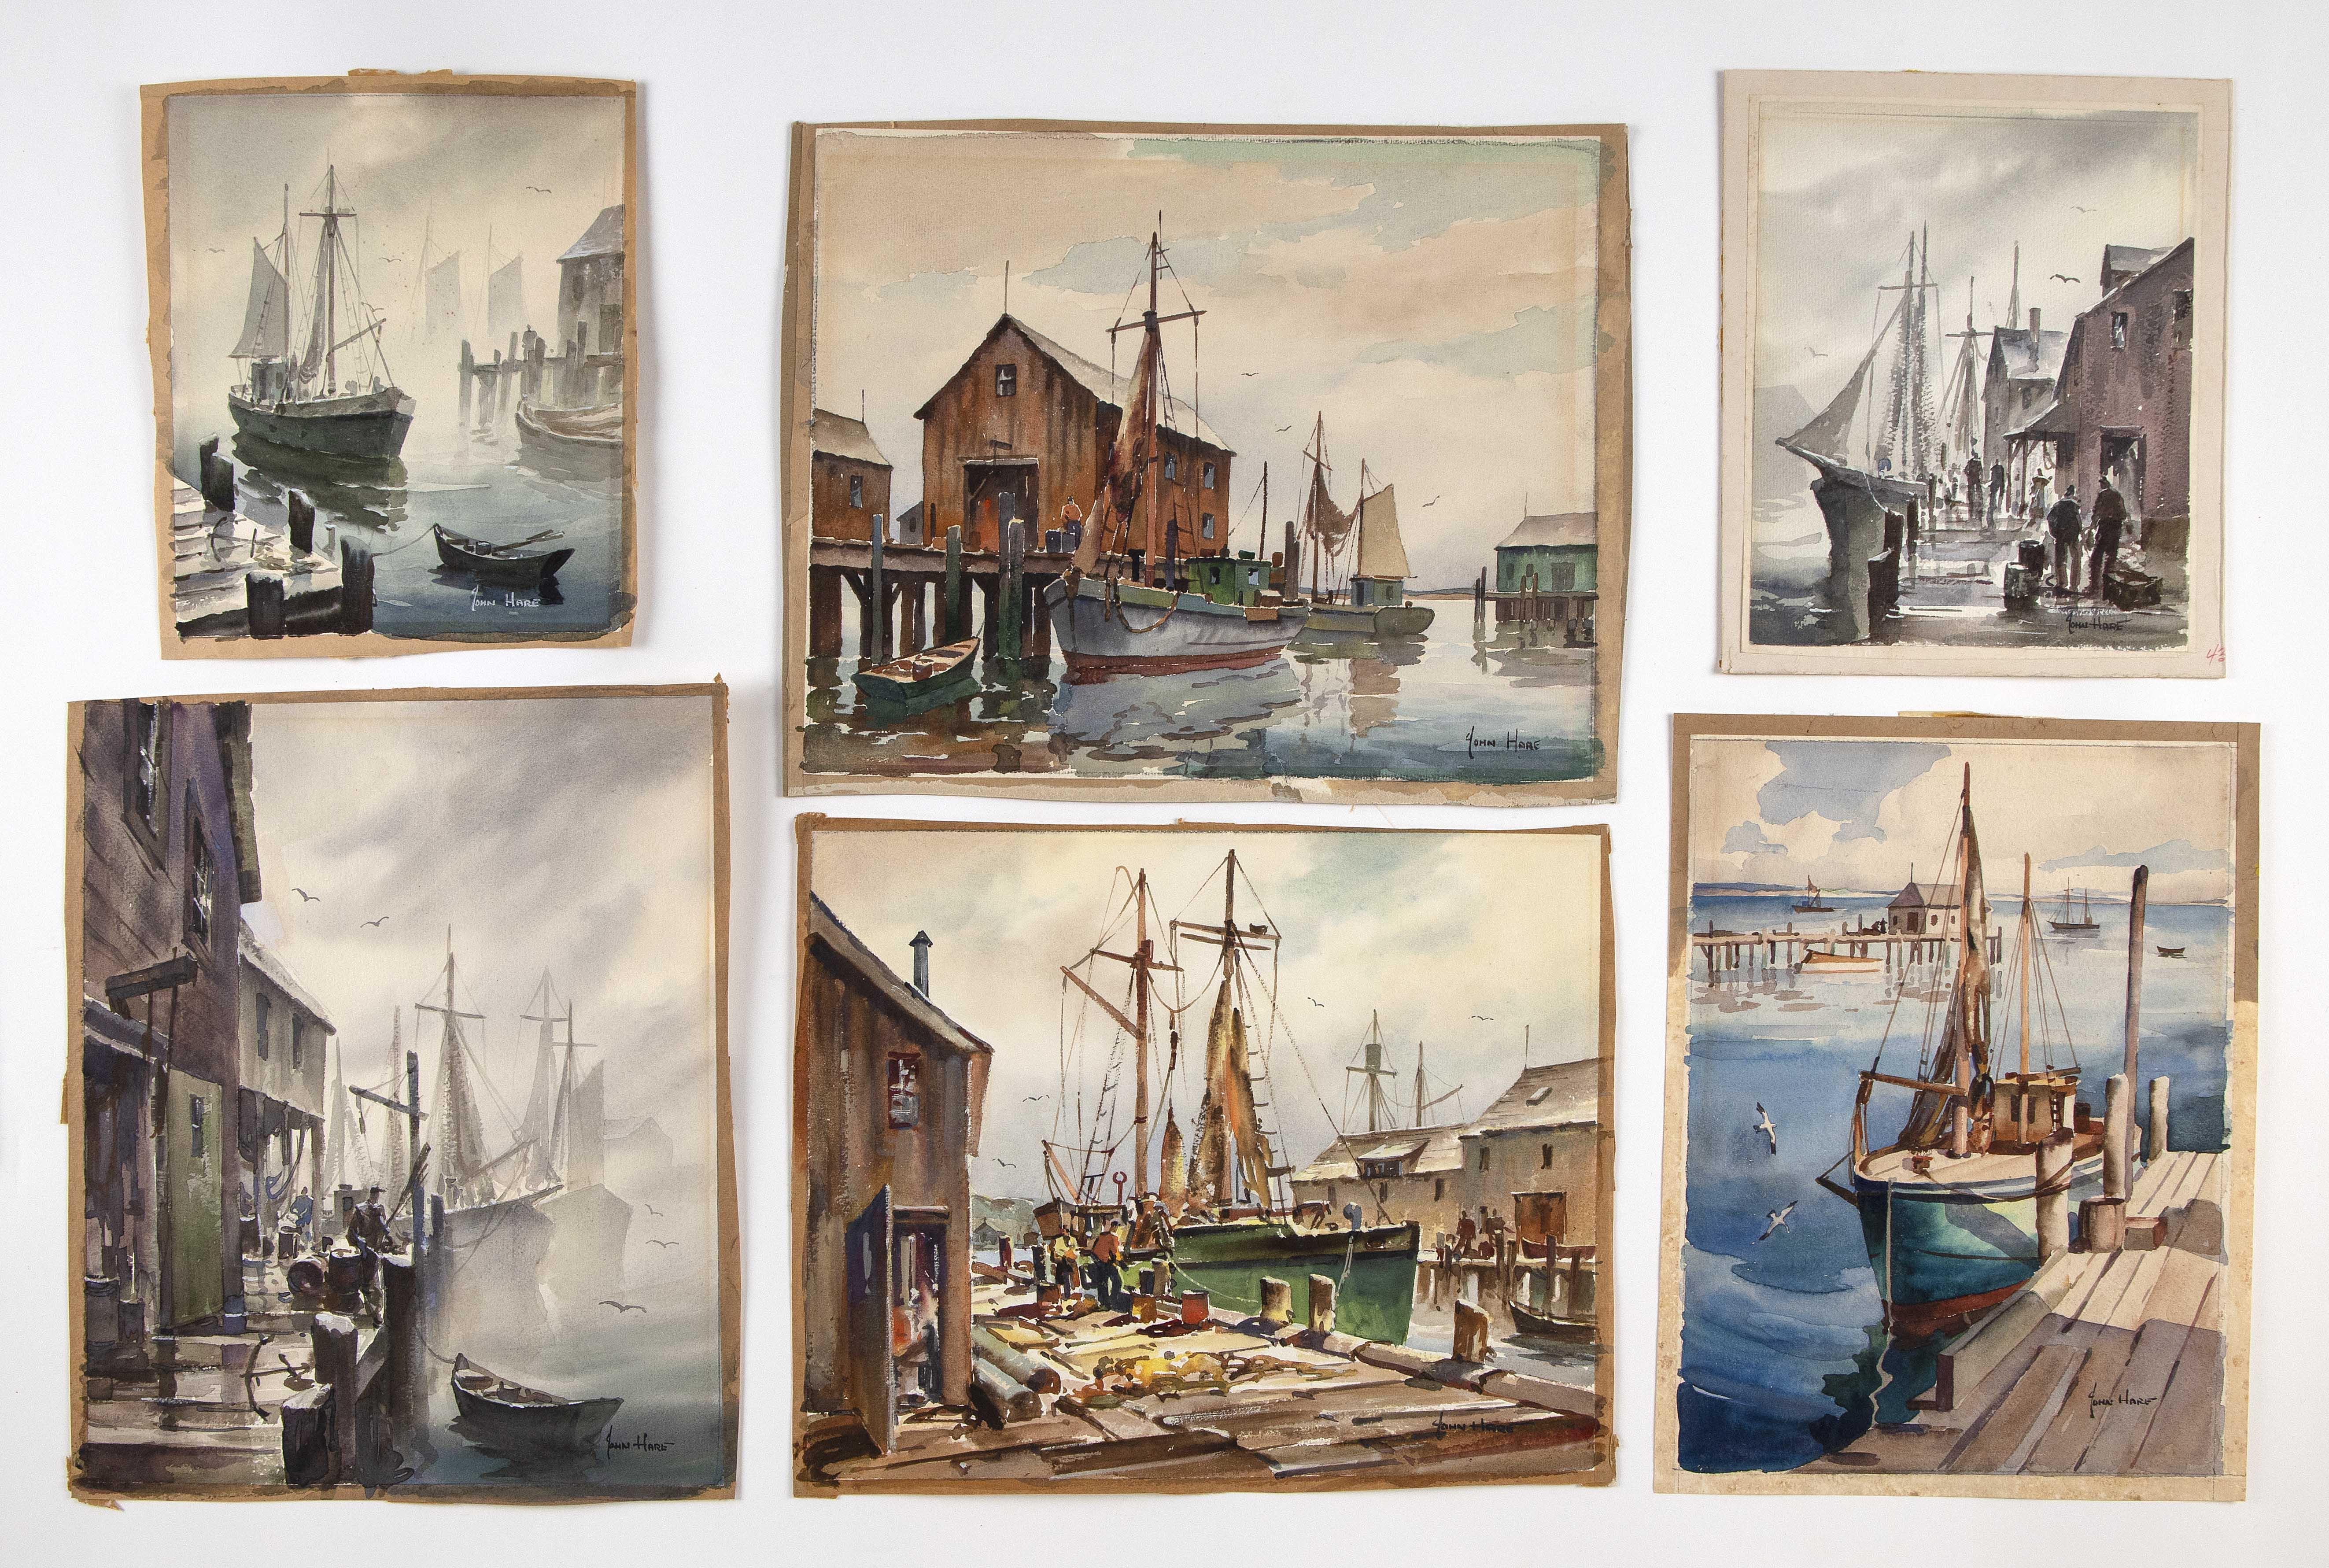 """JOHN CUTHBERT HARE (Massachusetts/Florida, 1908-1978), Six watercolors., Smallest 9"""" x 7.5"""". Largest 10.5"""" x 12.5"""". All unframed."""